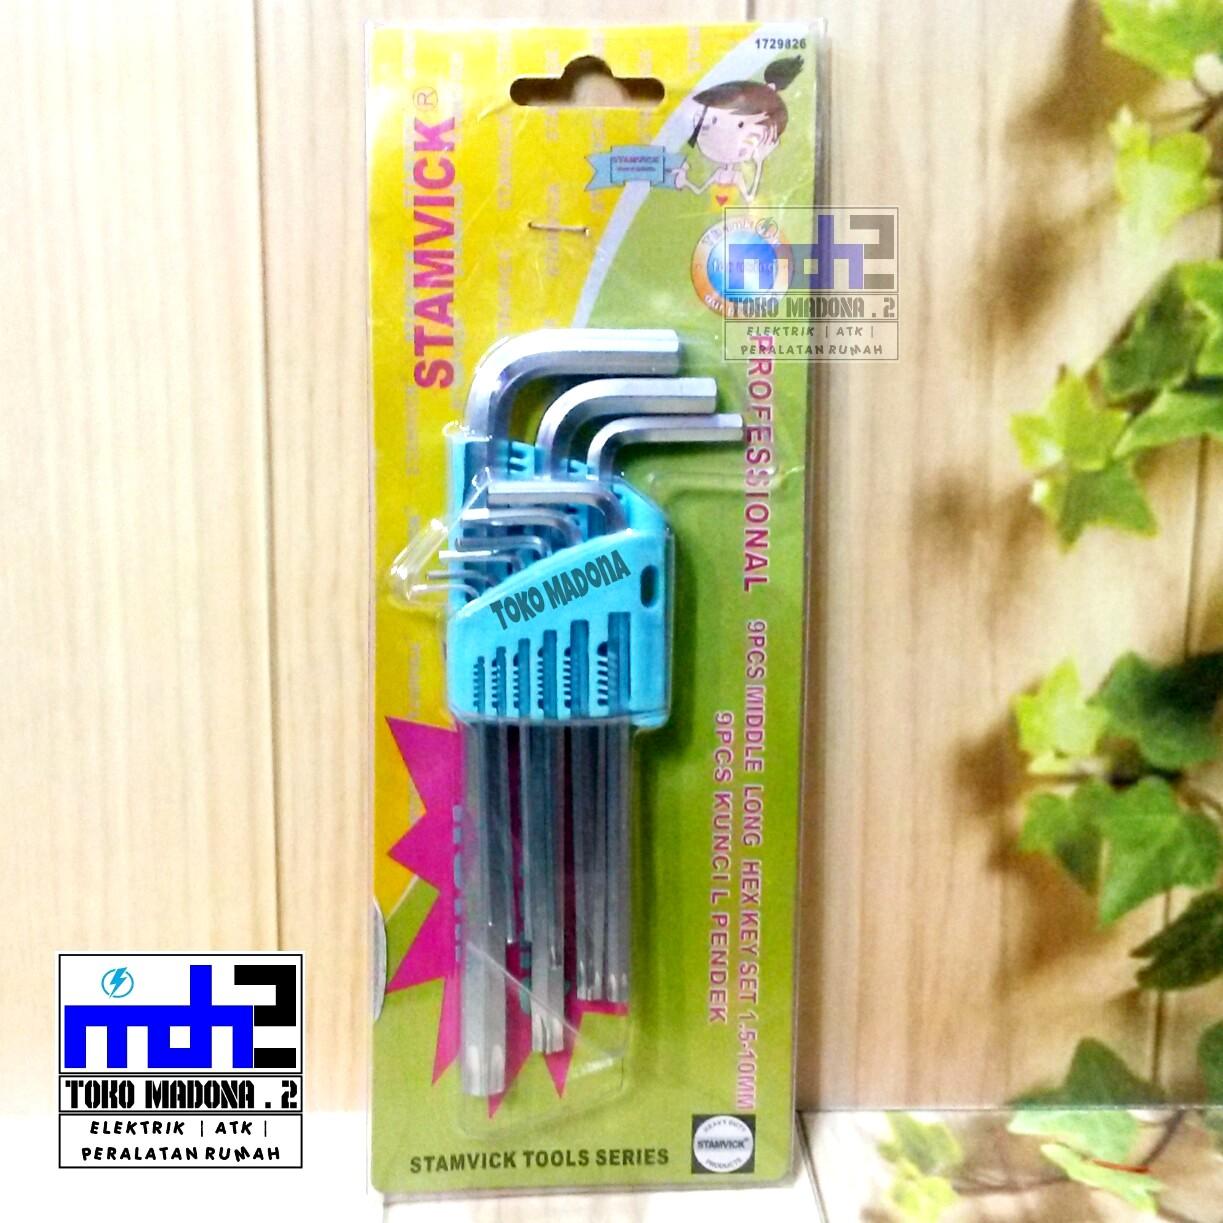 Harga Jual Kunci L Set Tekiro Xtra Long Bintang Panjang 9pcs 9 Pcs Stamvick 15mm